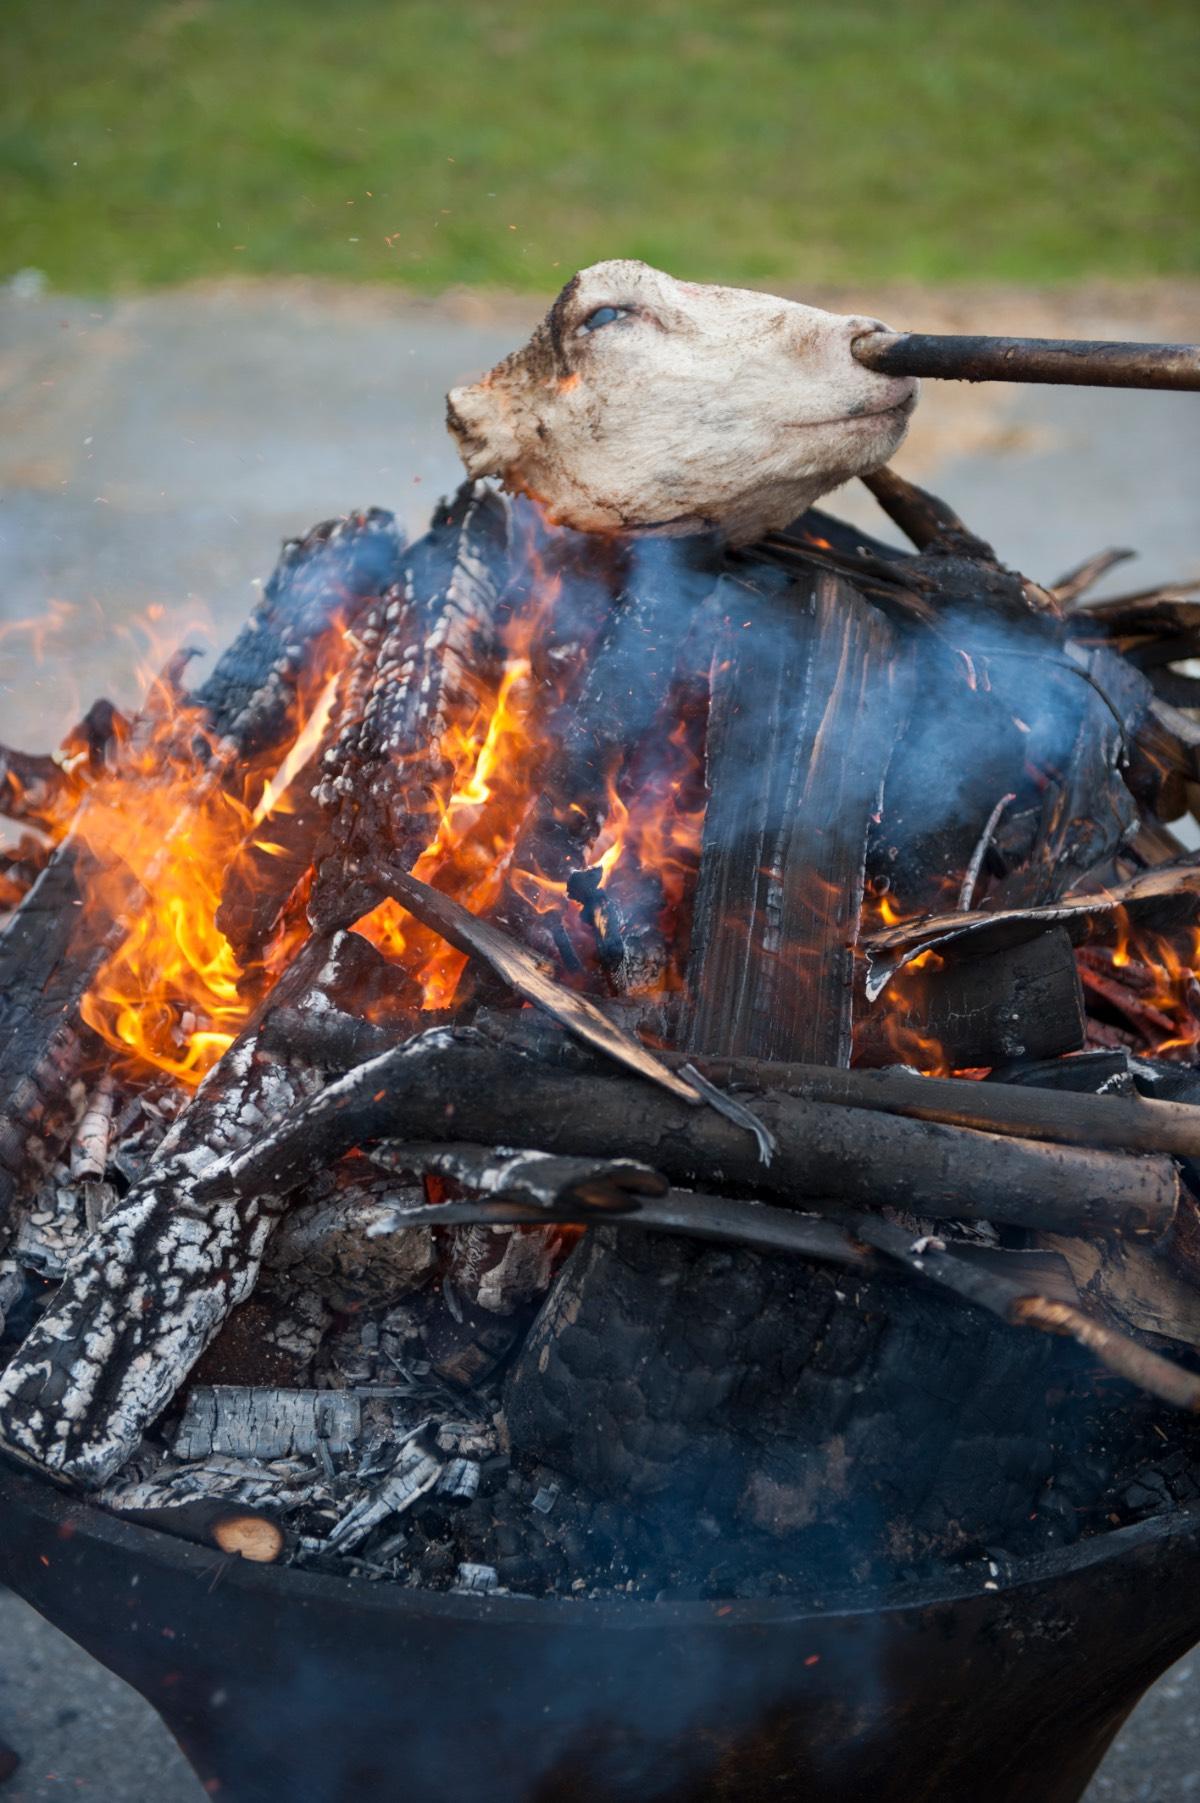 Noorwegen_Van de schapekop worden eerst de haren afgebrand 1